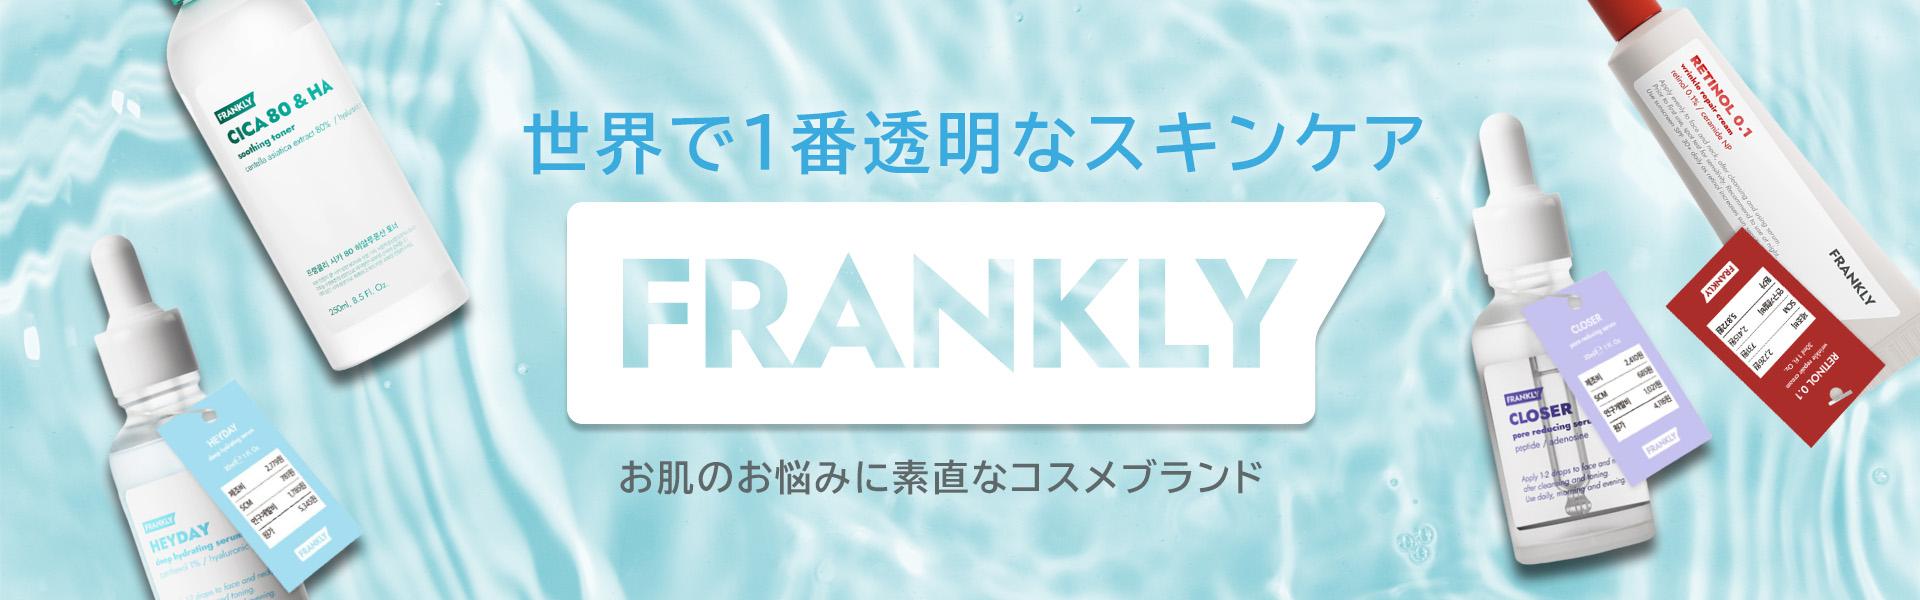 シンビ韓方化粧品